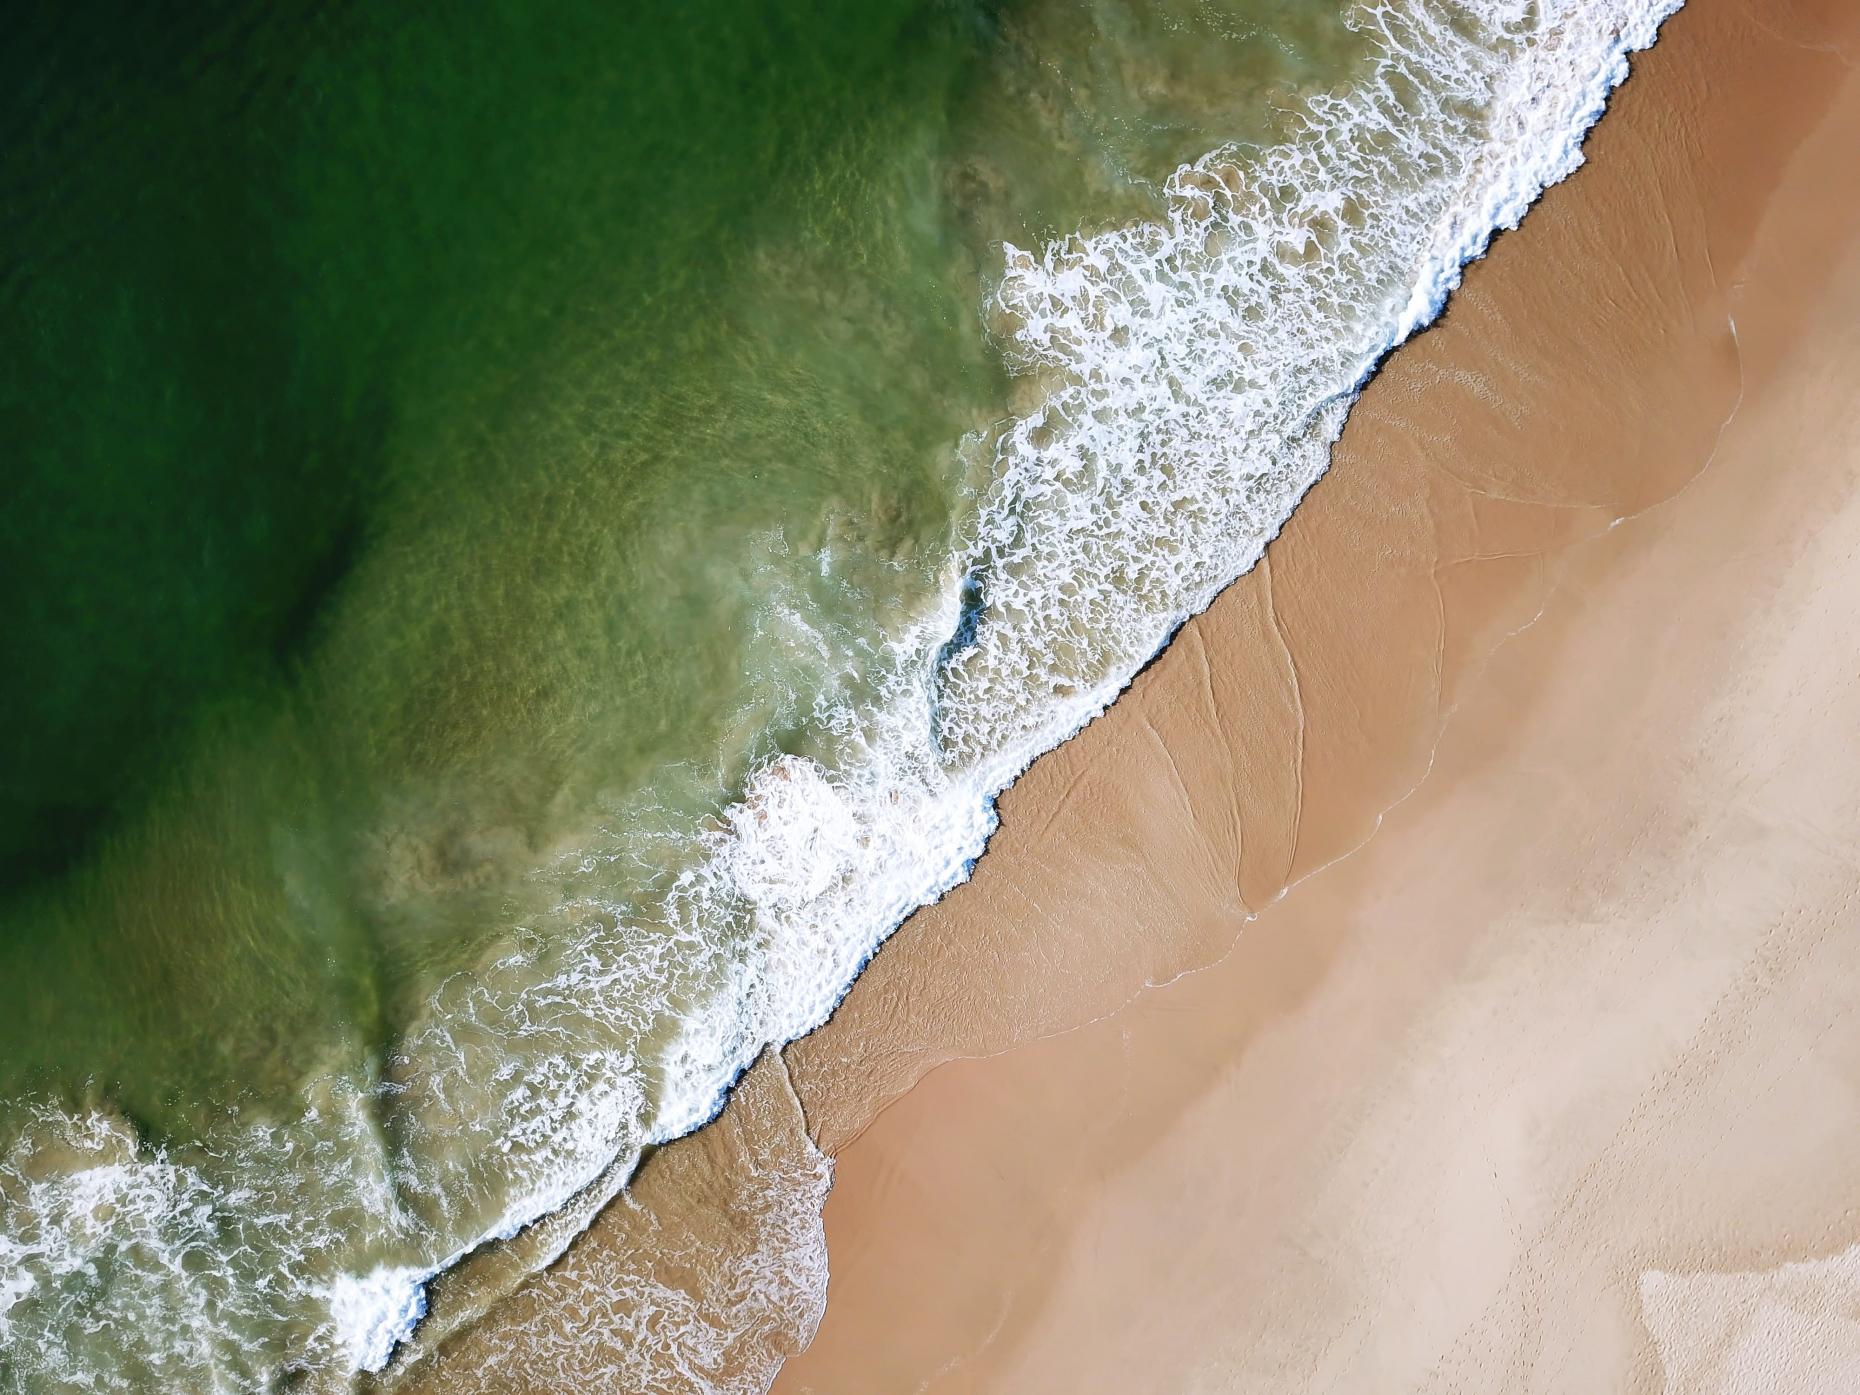 Vague arrivant sur une plage d'Afrique du sud représentant l'ambition de onepoint en Afrique